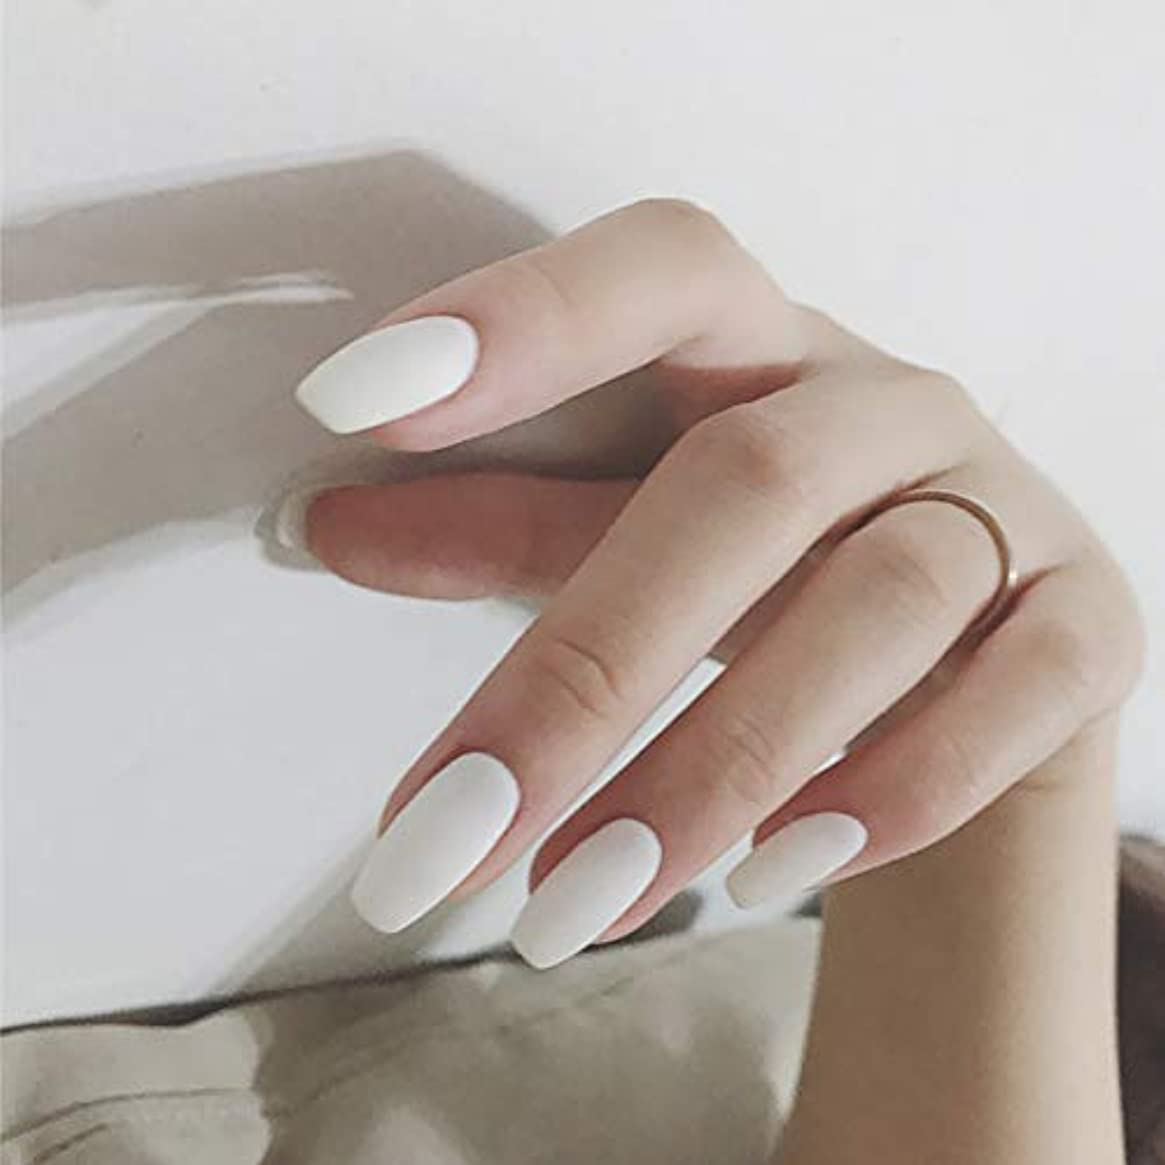 政令束マディソンins 人気のスタイル 24pcs ホワイト つや消しショート ネイルチップ 可愛い優雅ネイル 無地ネイルチップ バレエのネイル 長いスタイル